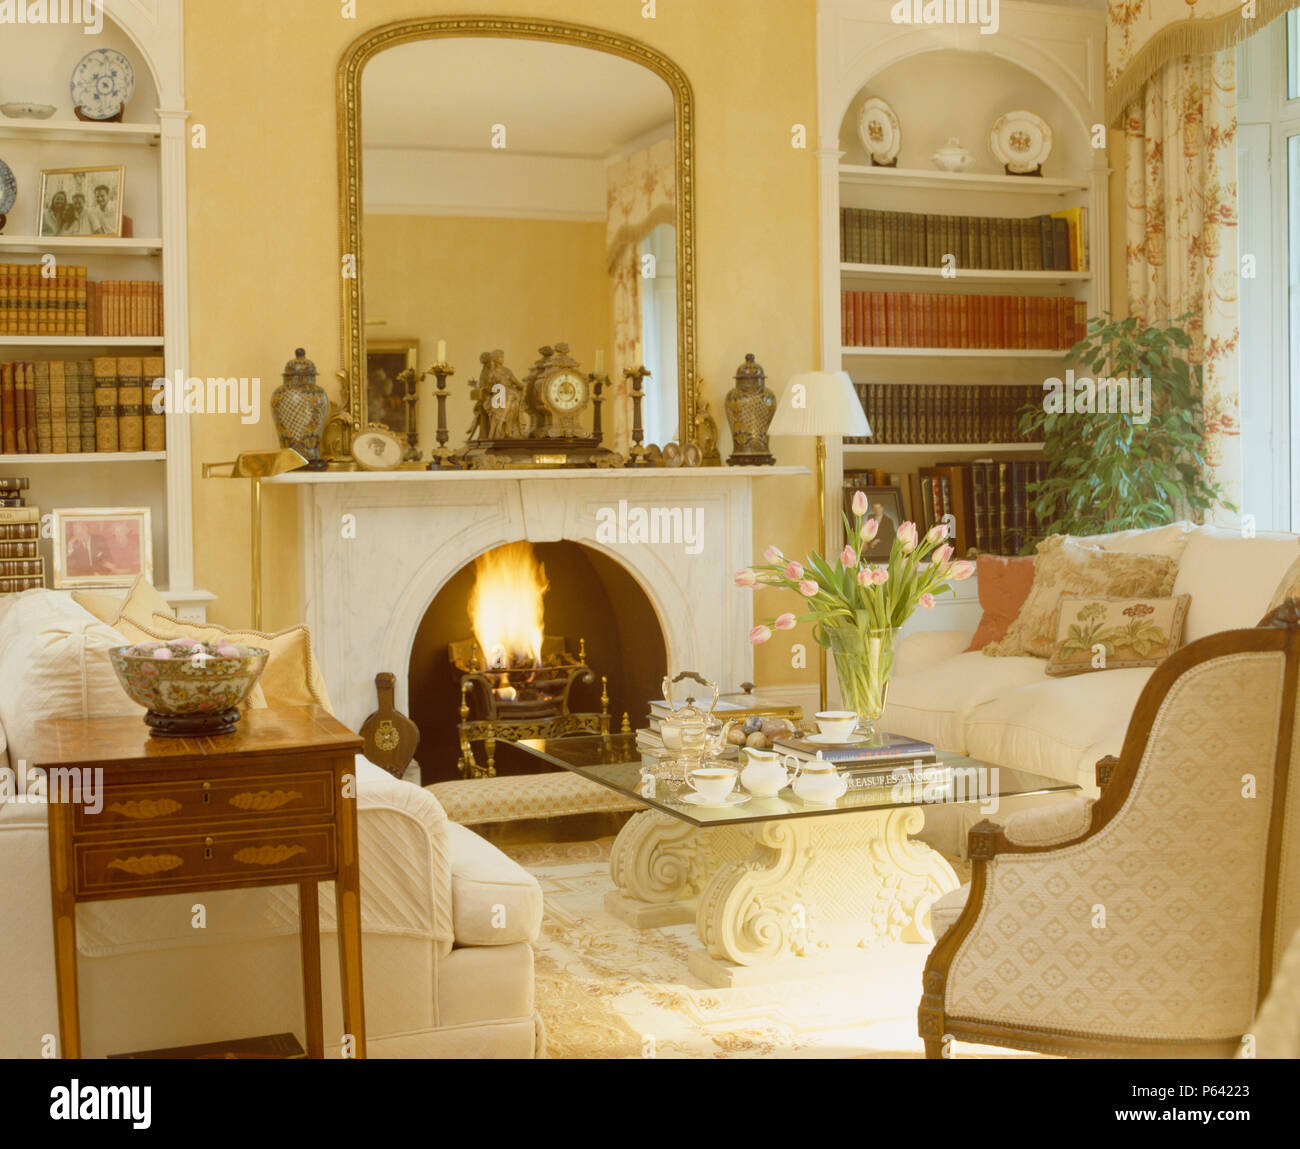 Miroir Salle De Sejour grand miroir doré au-dessus de cheminée avec le feu allumé